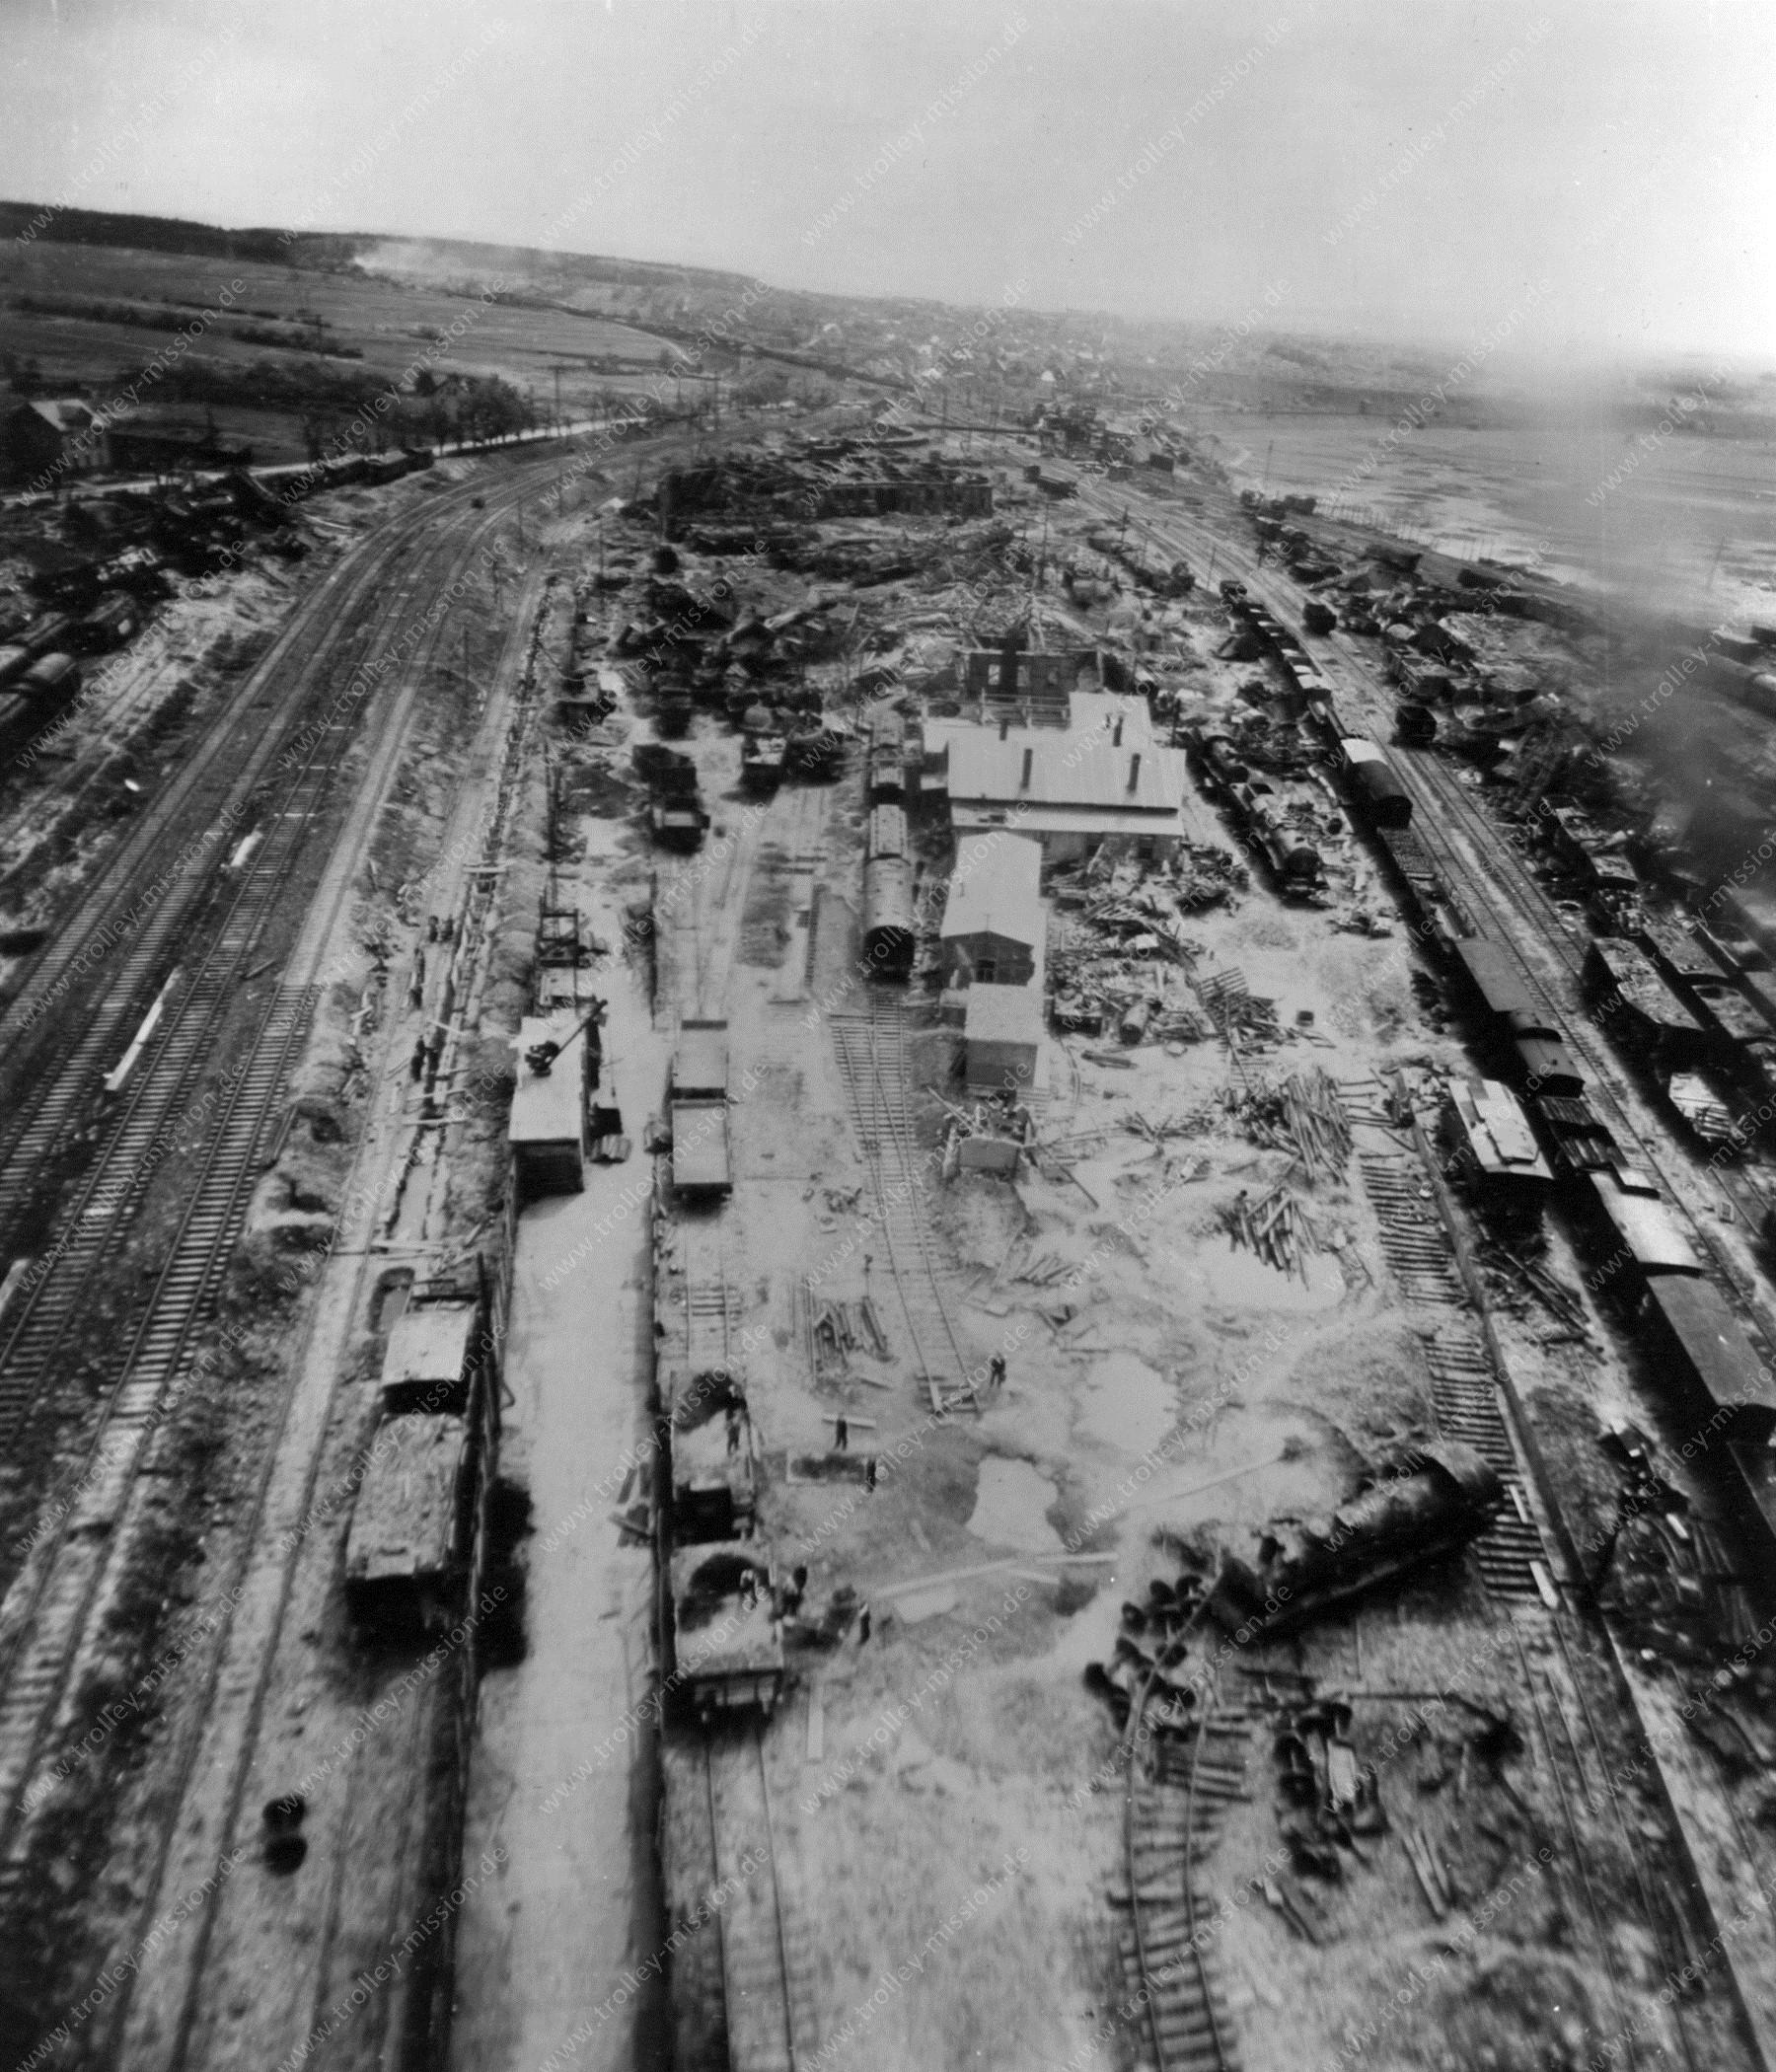 Bahnbetriebswerk Gießen entlang der Frankfurter Straße am nördlichen Ringlokschuppen II - Luftbildserie im Tiefflug nach dem Zweiten Weltkrieg 1945